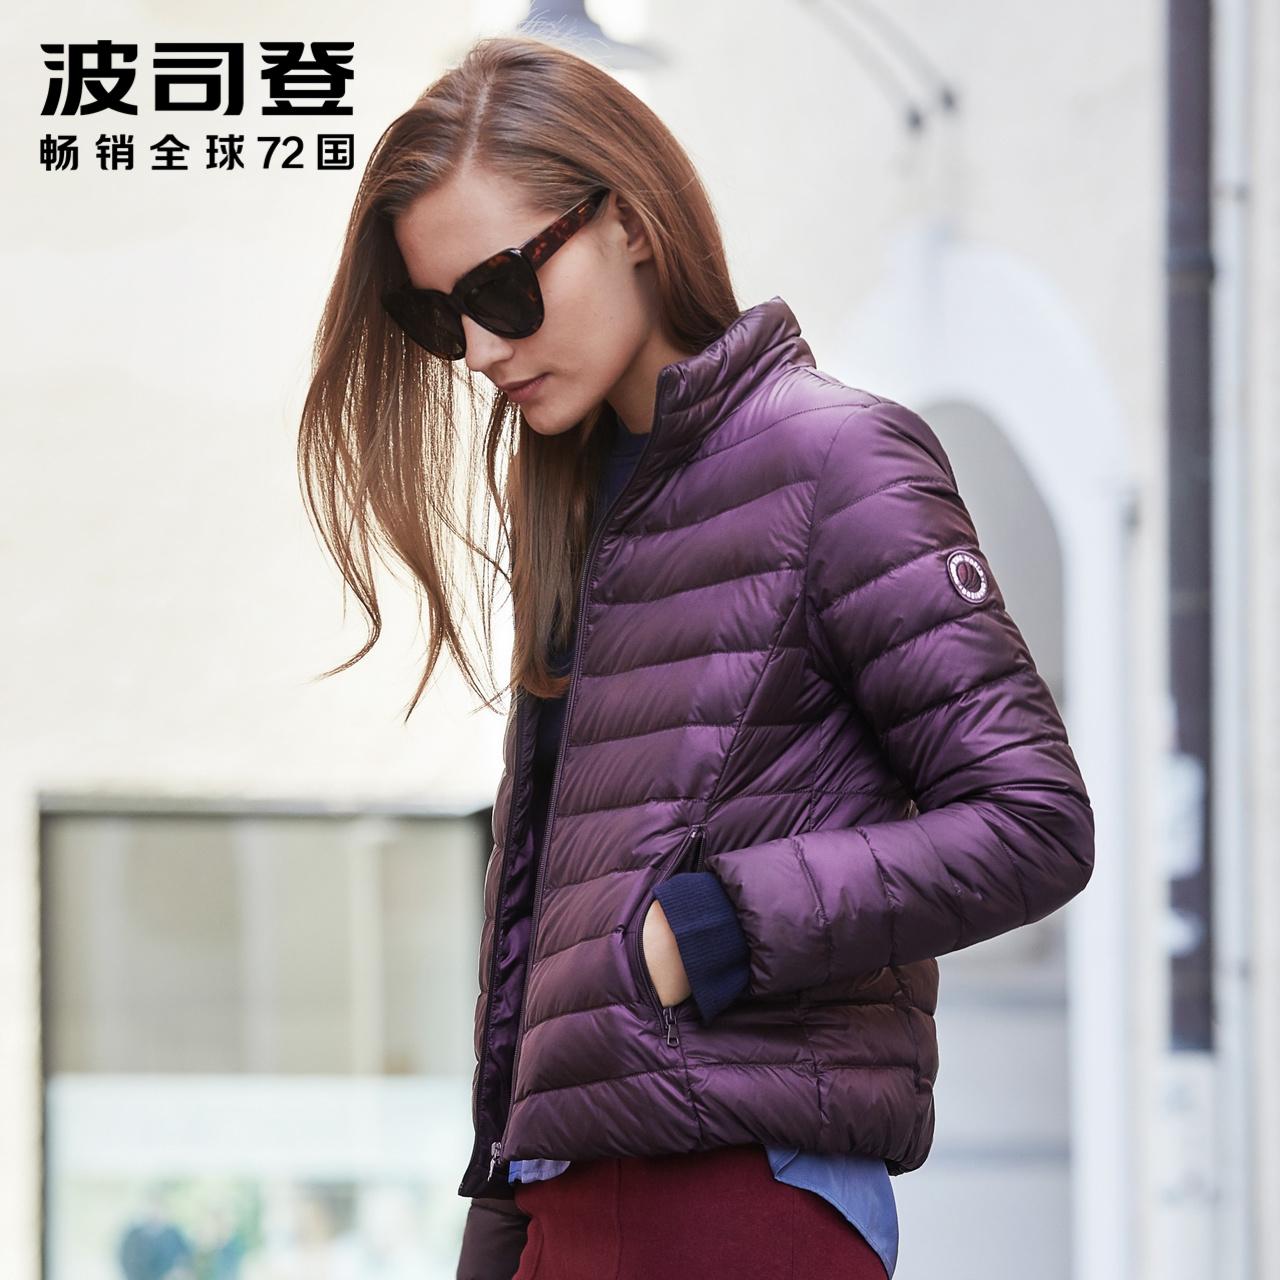 波司登羽绒服女新款短款冬季大码妈妈装中老年女装B90131010B图片